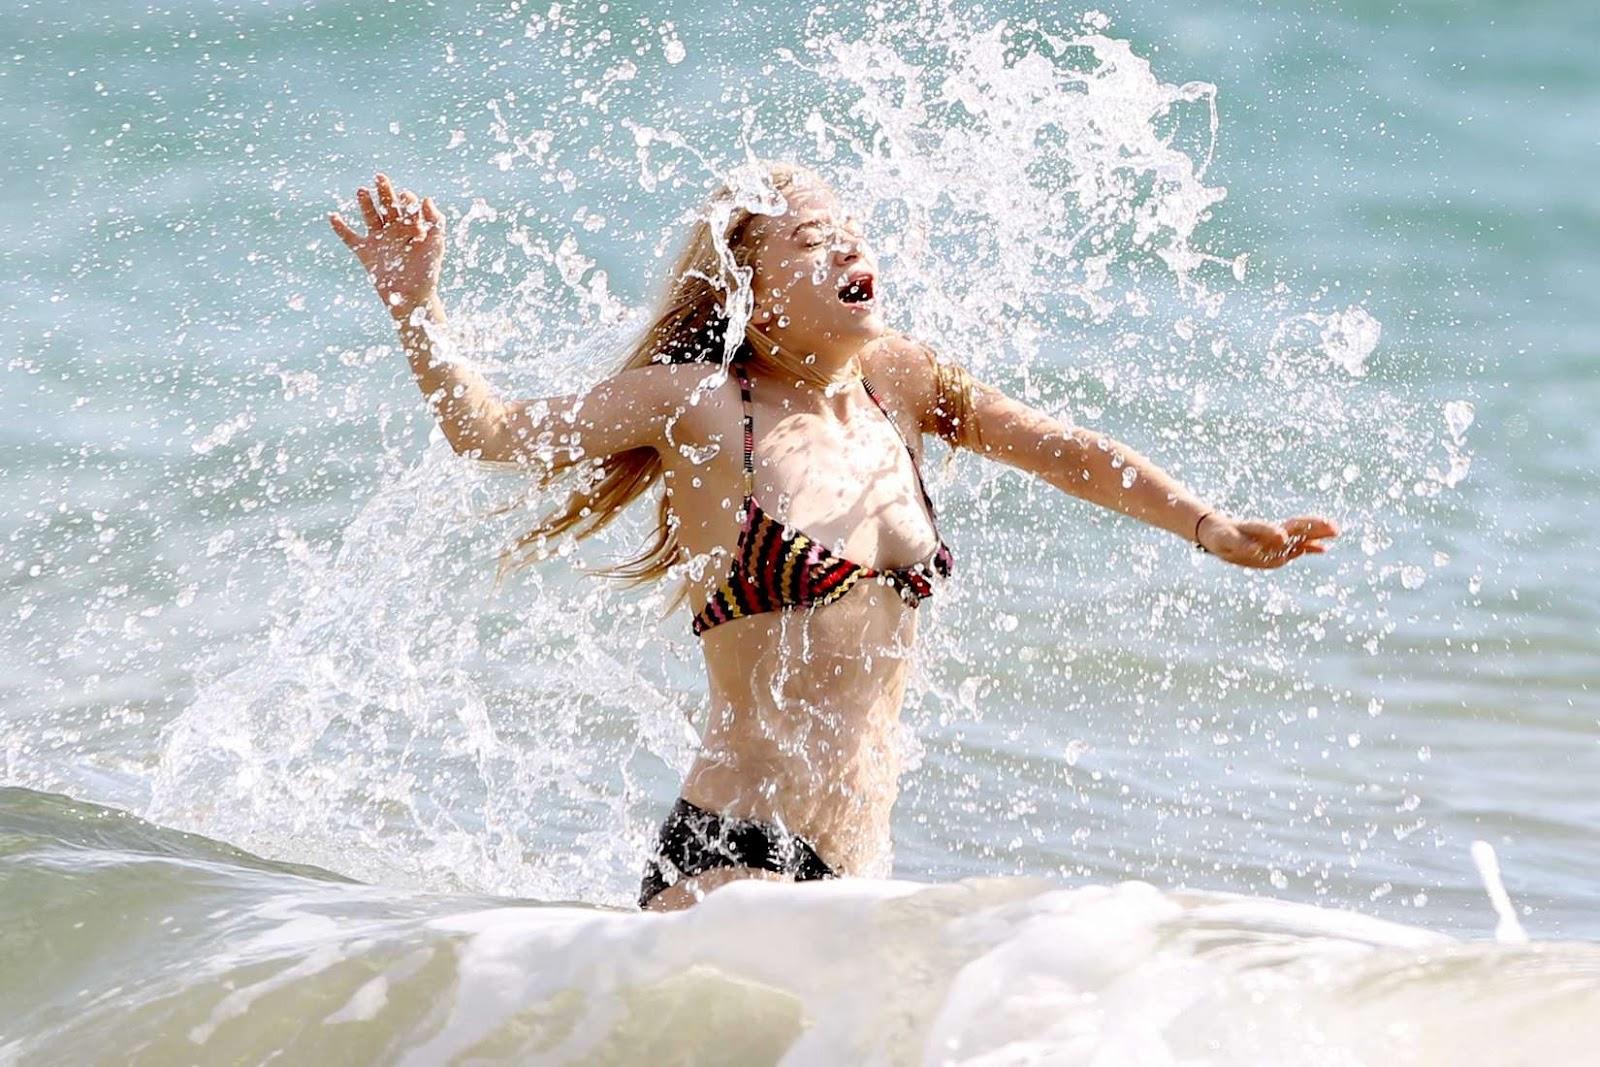 http://1.bp.blogspot.com/-6vfuytmvqd4/T7zL3hwhE-I/AAAAAAAAGCI/apoiwhqfDc8/s1600/ASHLEY+OLSEN+Bikini+Body+in+Hawaii+image+05.jpg